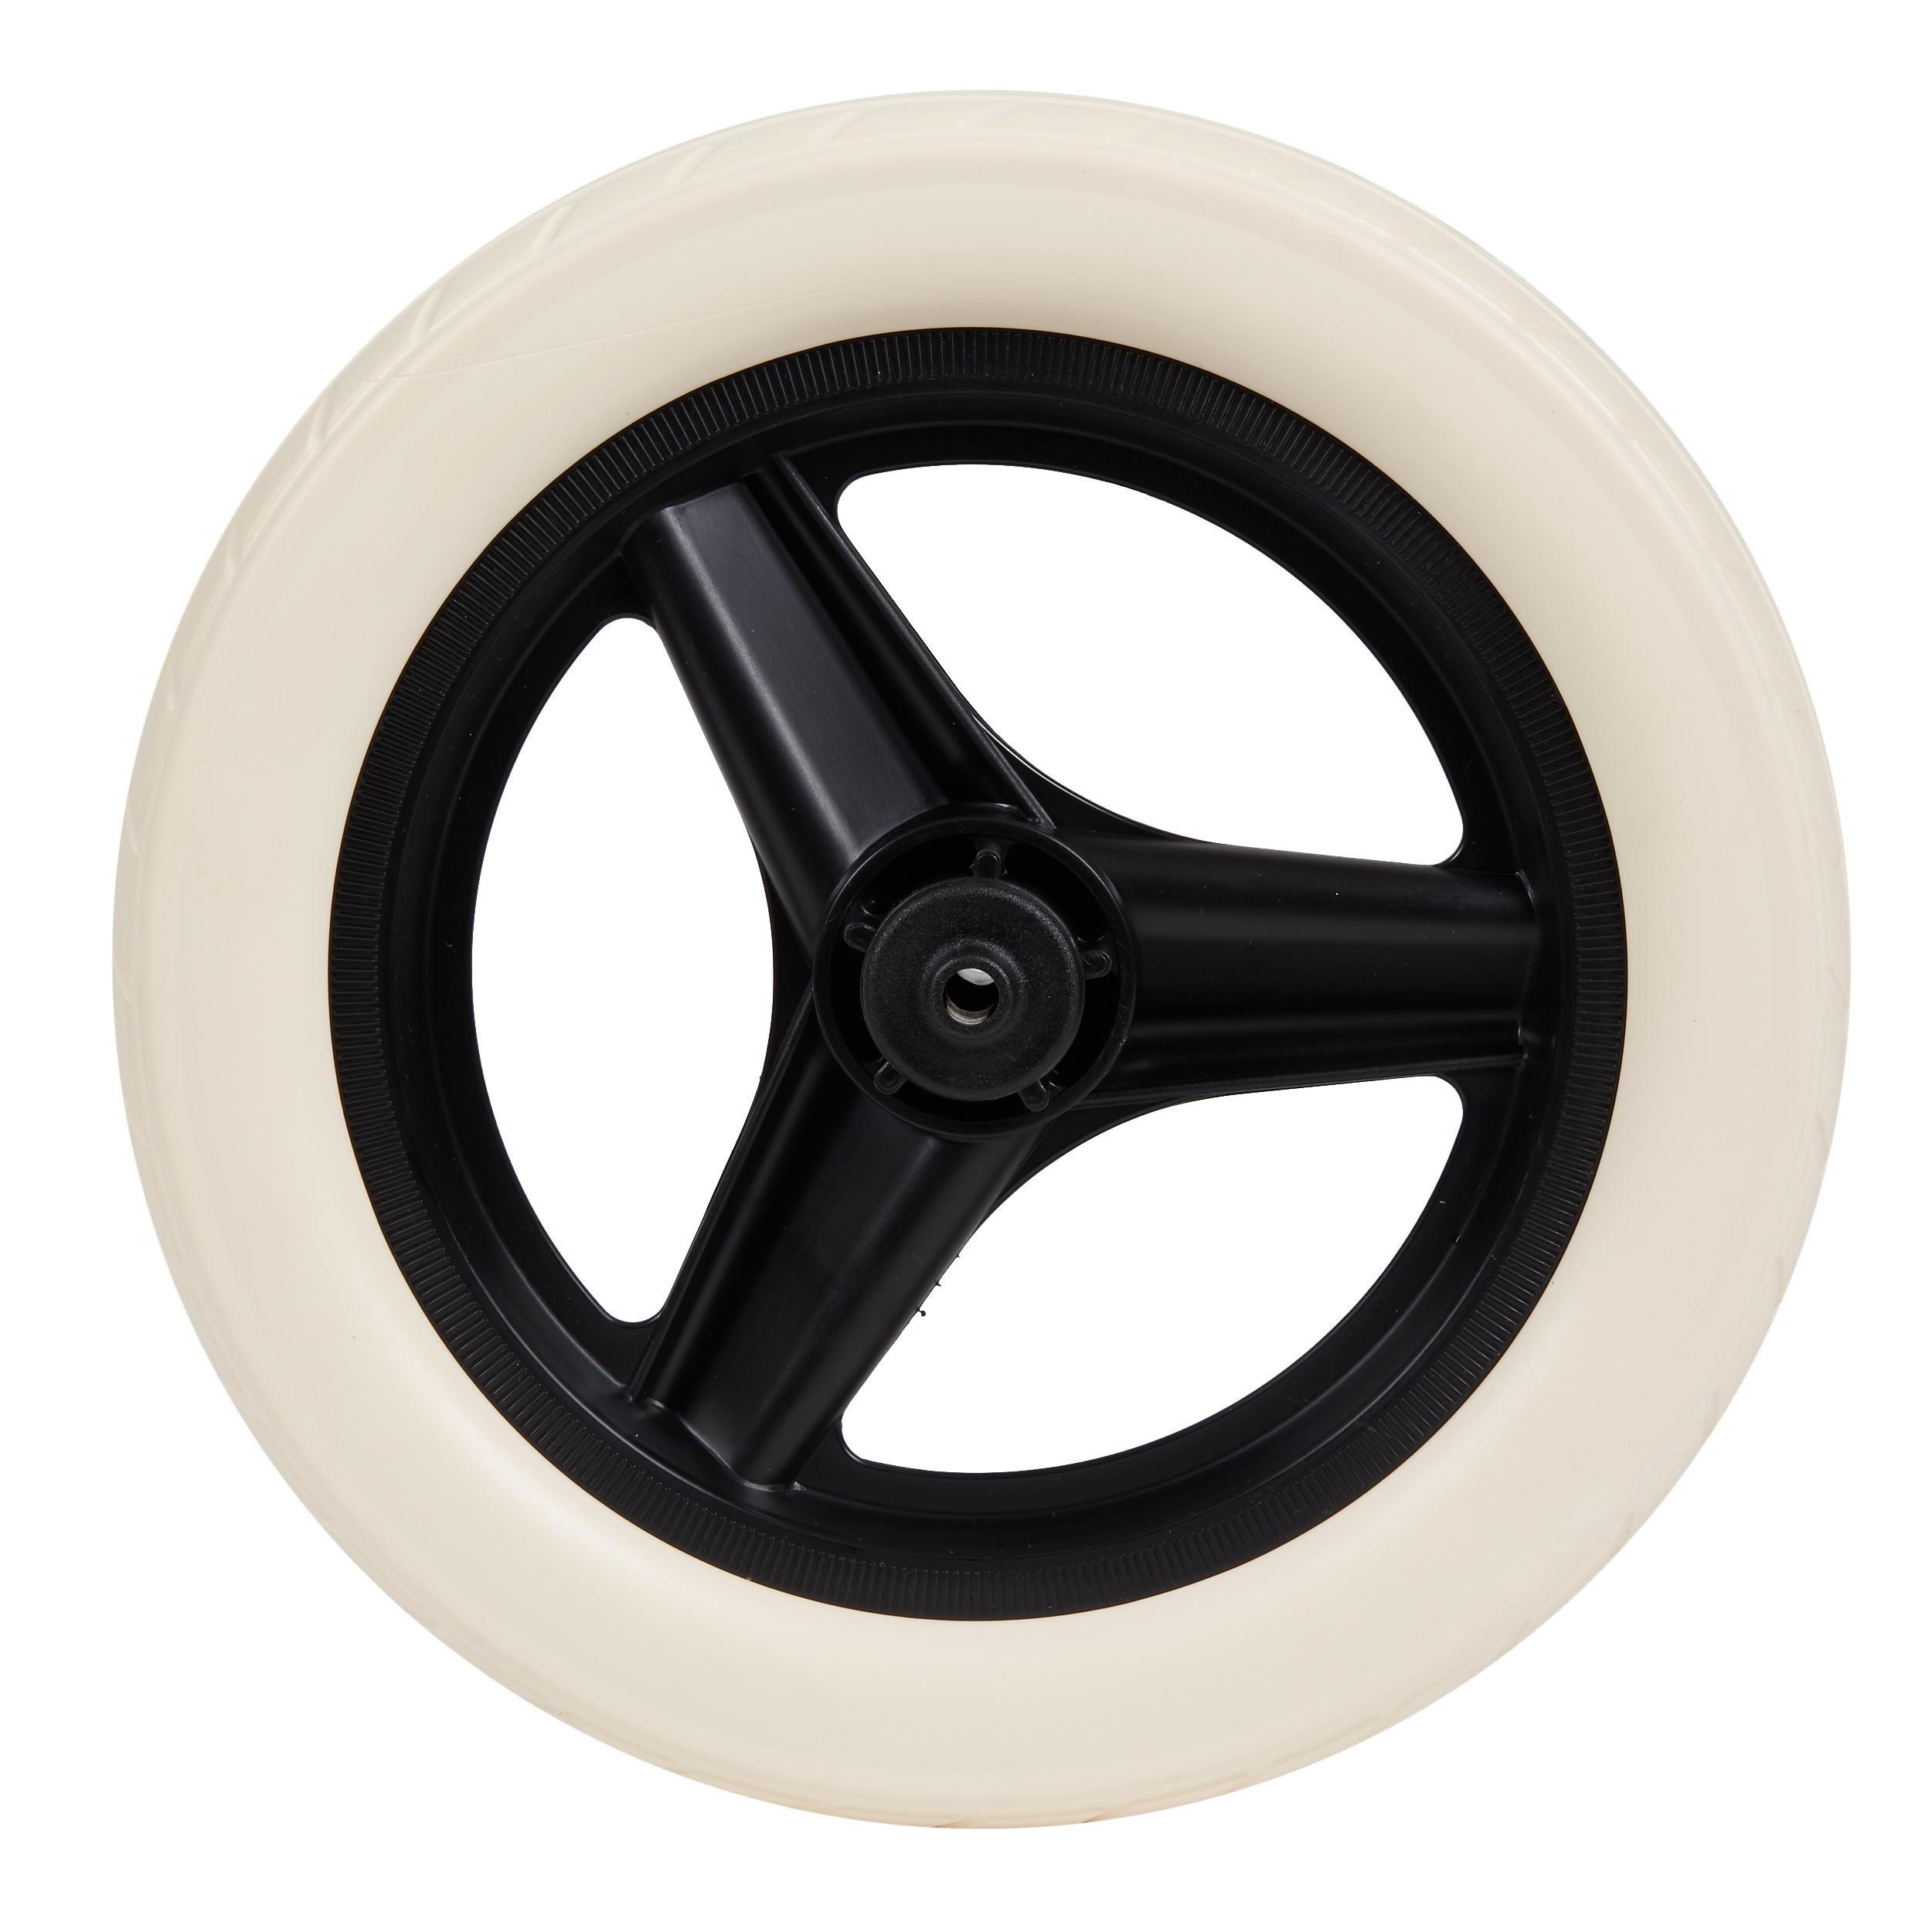 btwin ruota 10 pollici posteriore bici senza pedali runride nera con pneumatico bianco